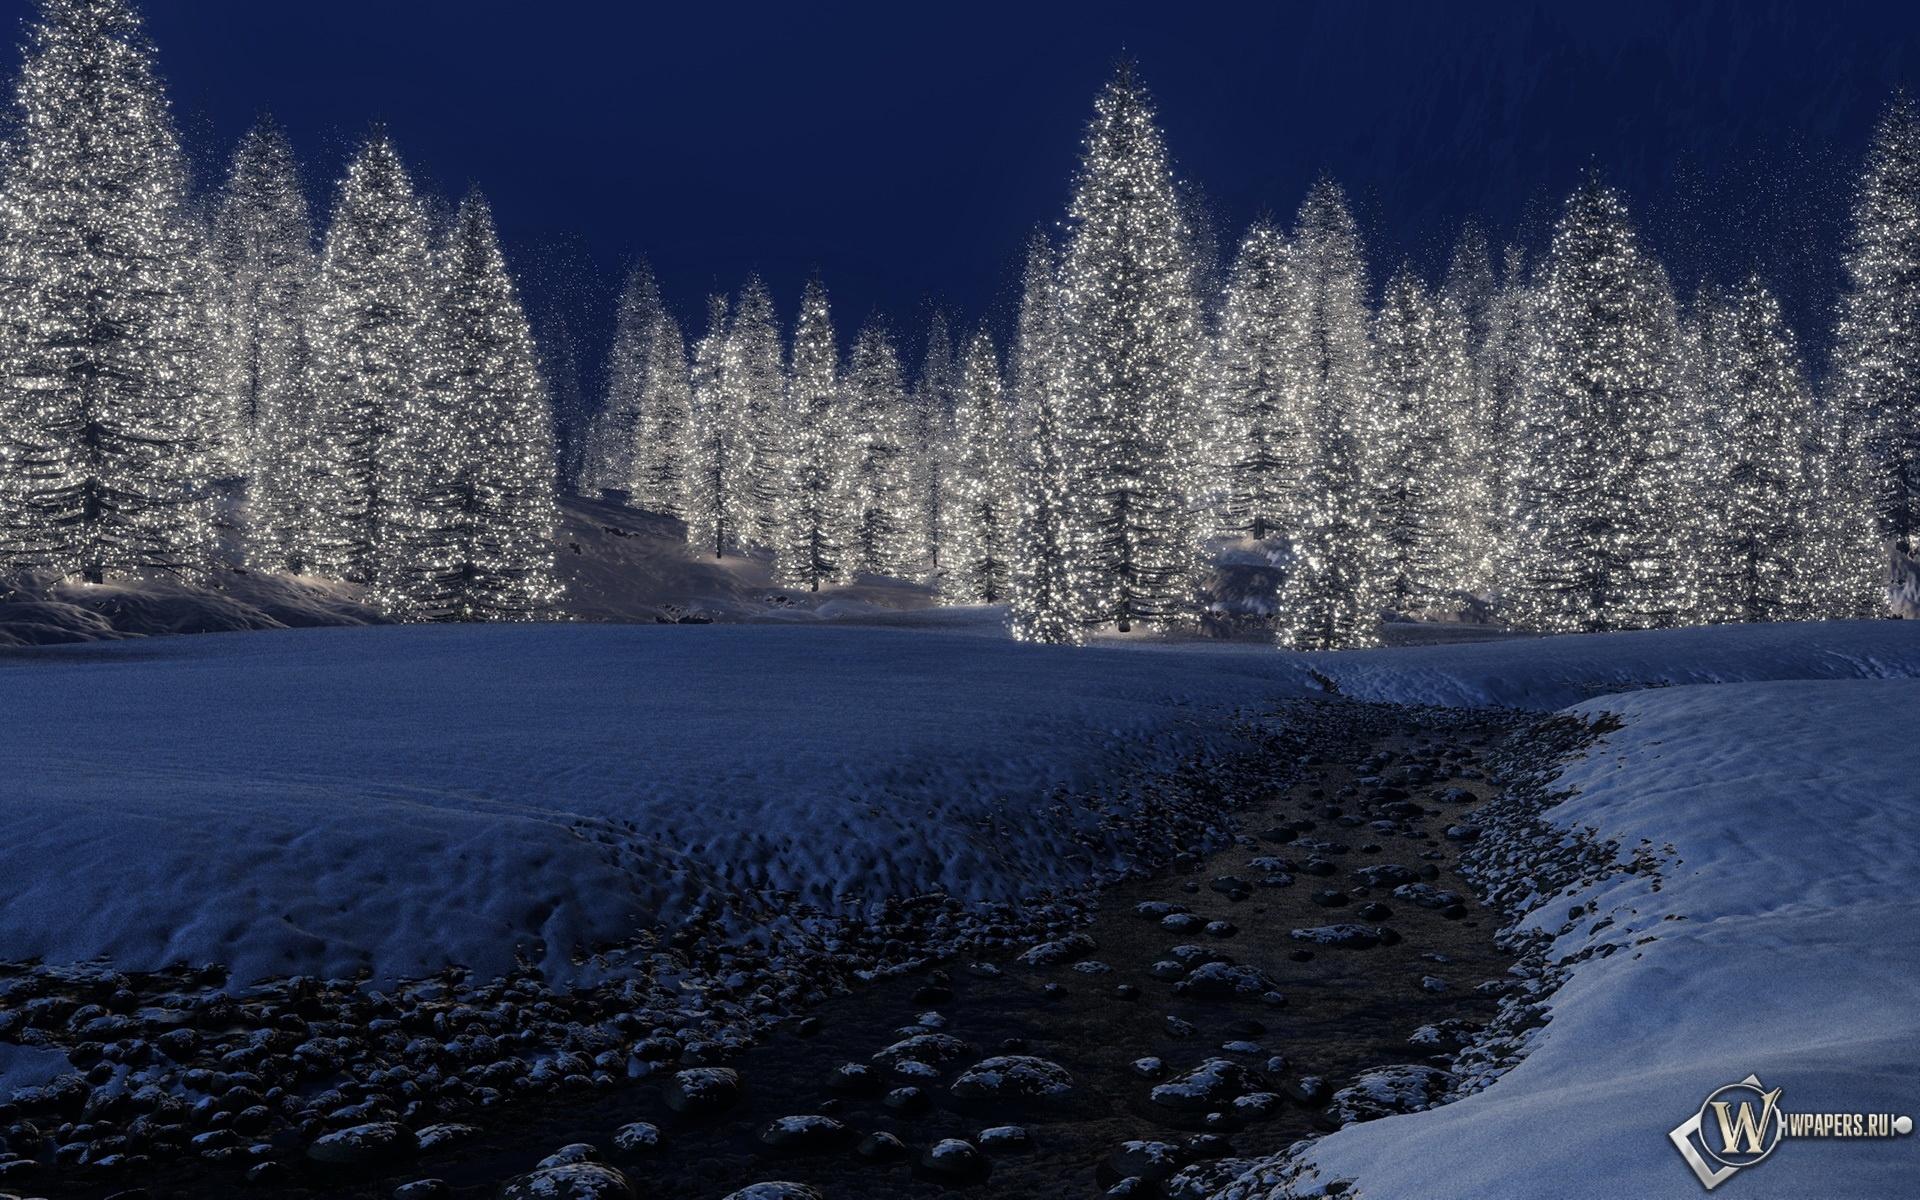 Светящийся лес 1920x1200